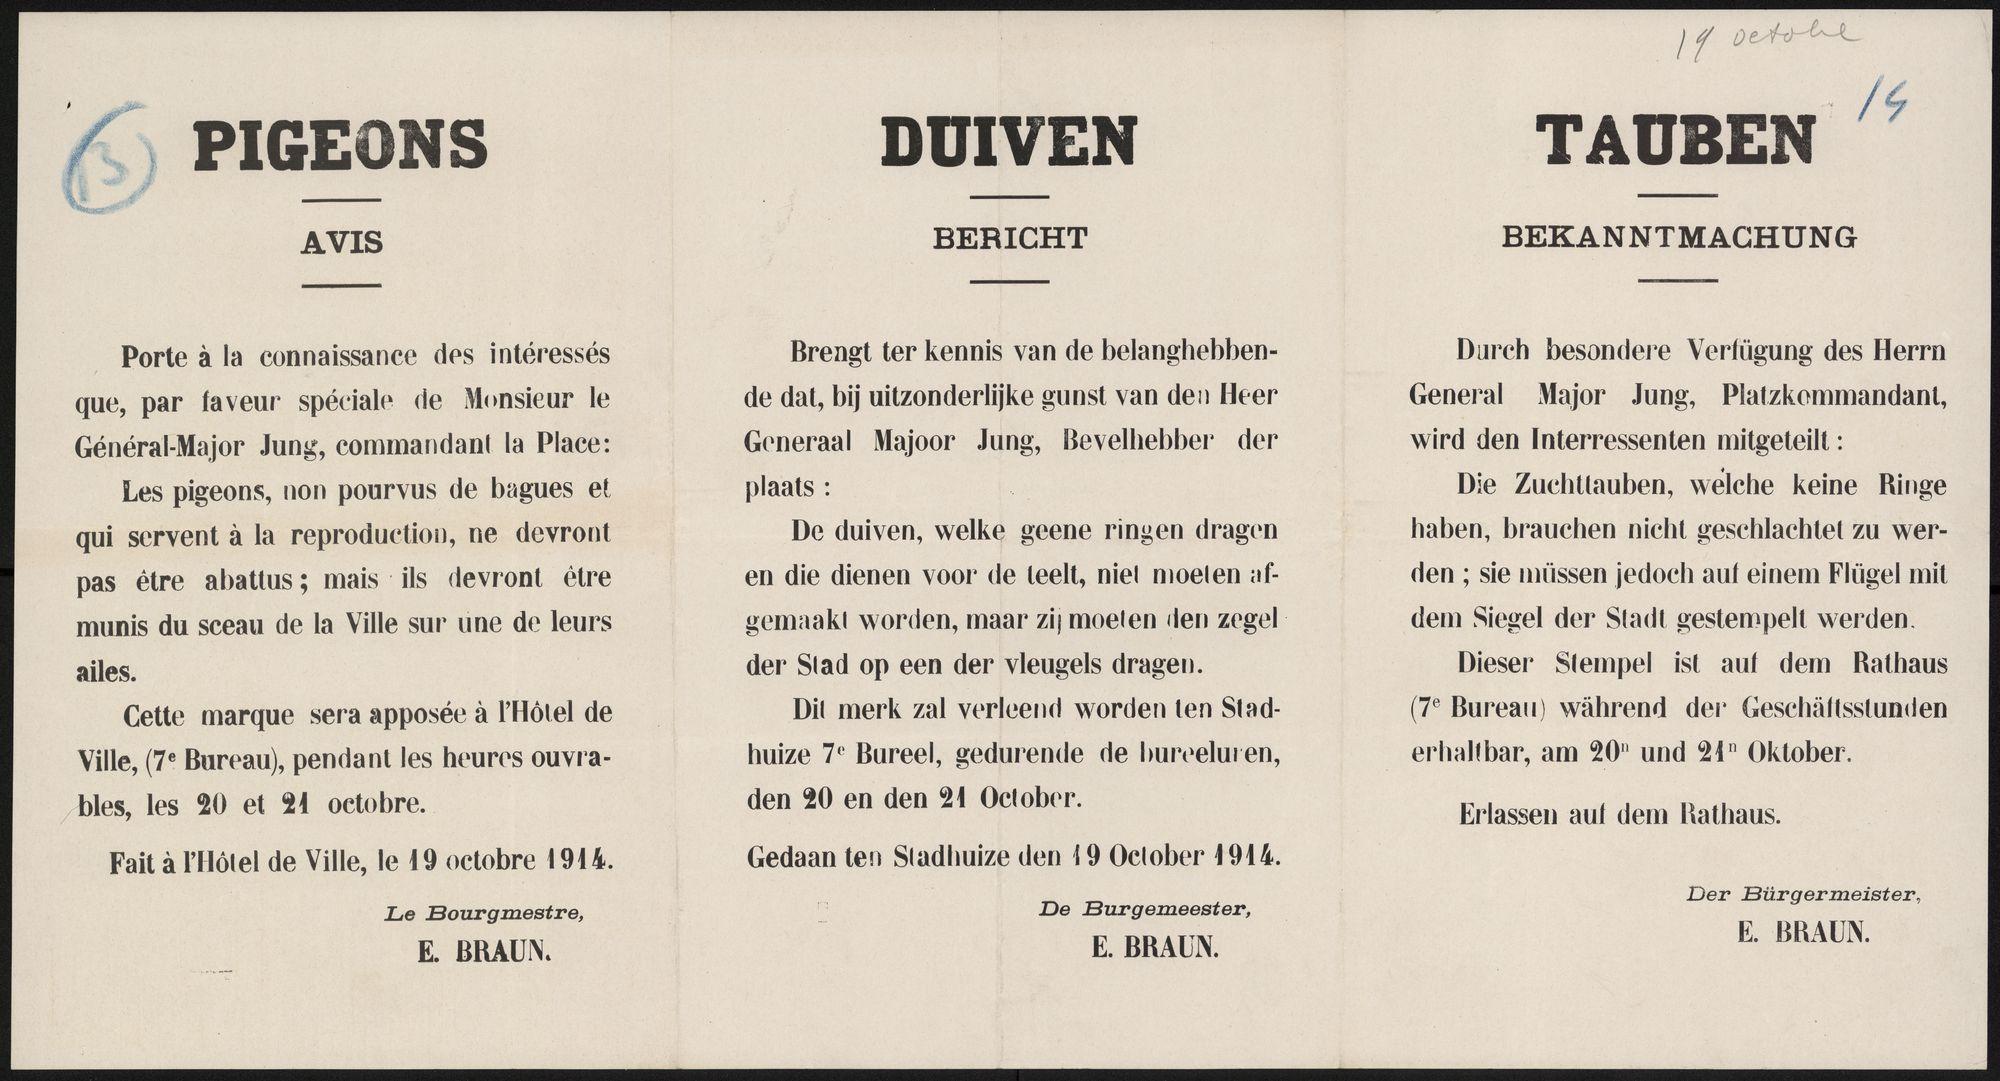 Pigeons, Avis | Duiven, Bericht | Tauben, Bekanntmachung.